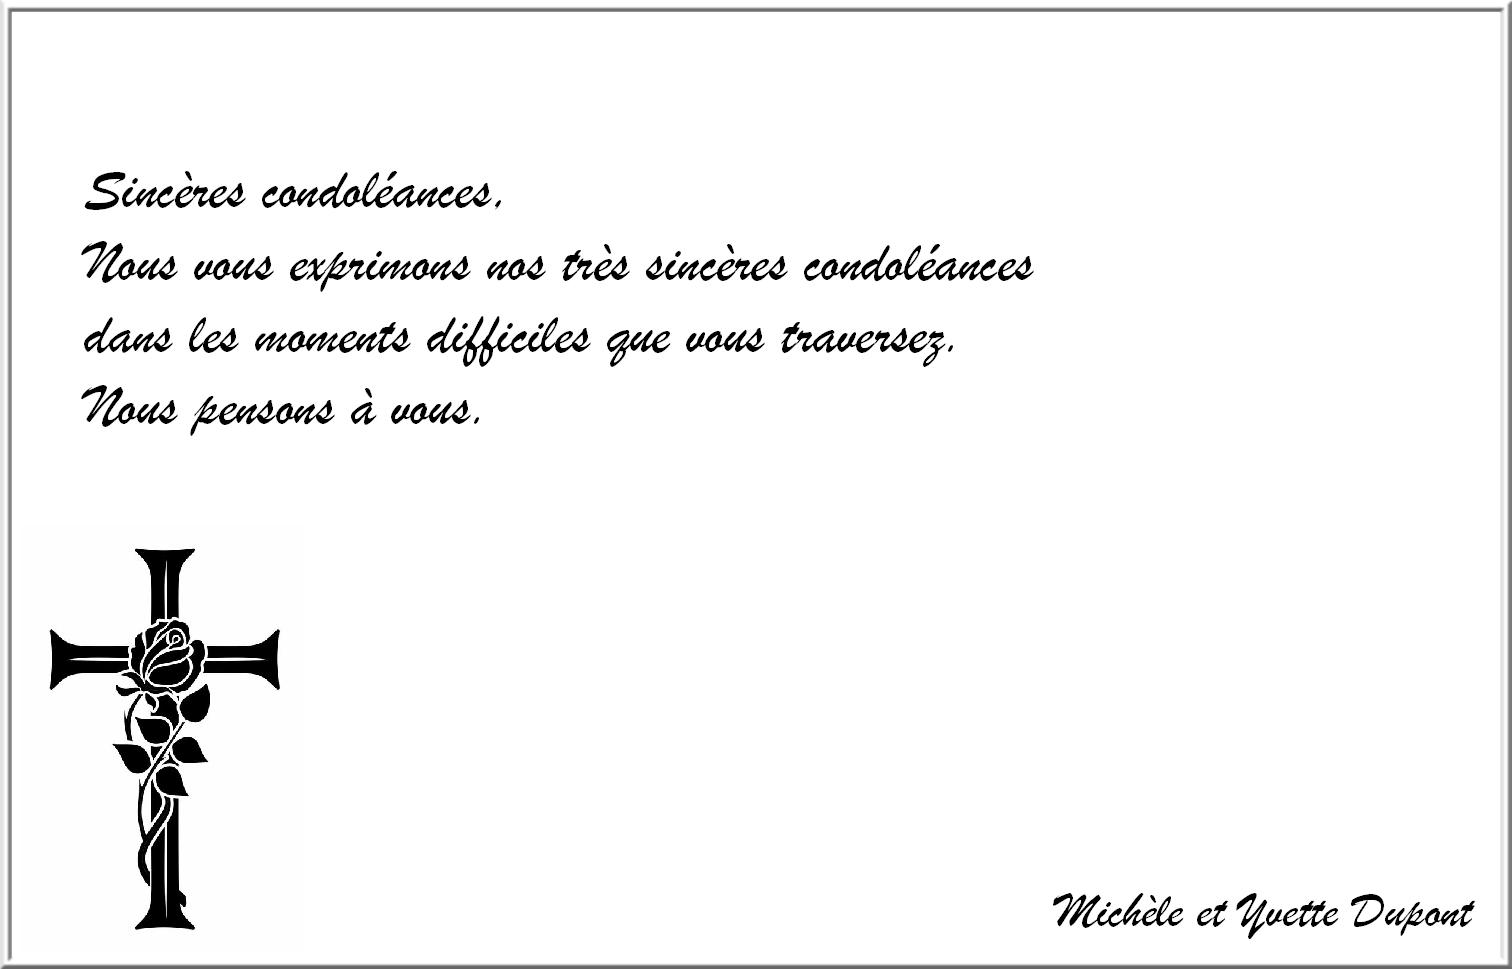 Modeles condoleances simples   Modèle de lettre